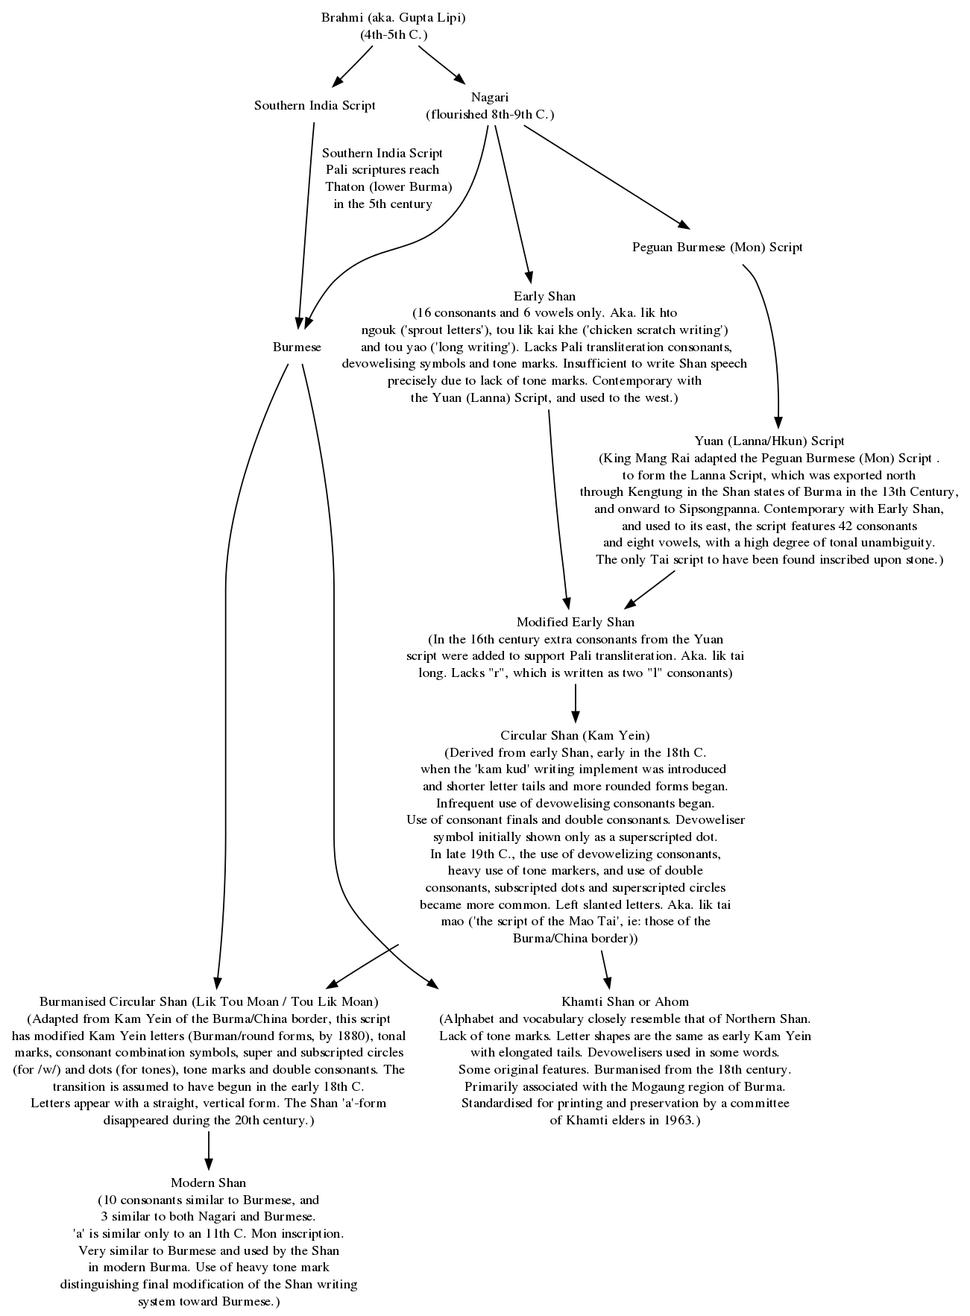 Tai-script-evolution